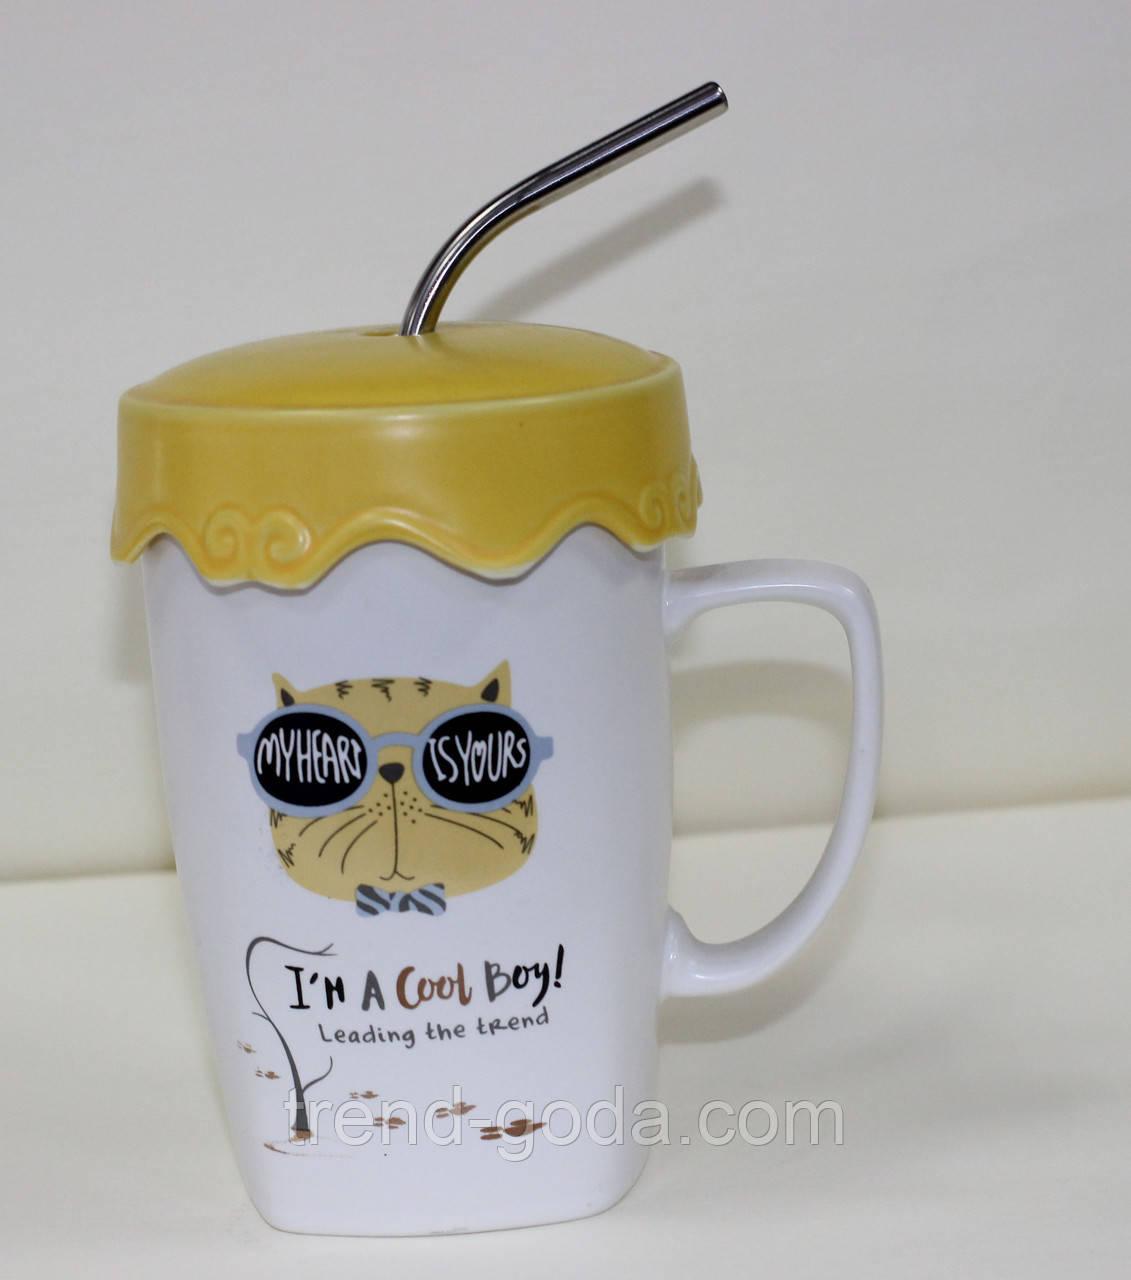 Кружка белая керамическая с керамической желтой крышкой и металлической трубочкой, Крутой кот